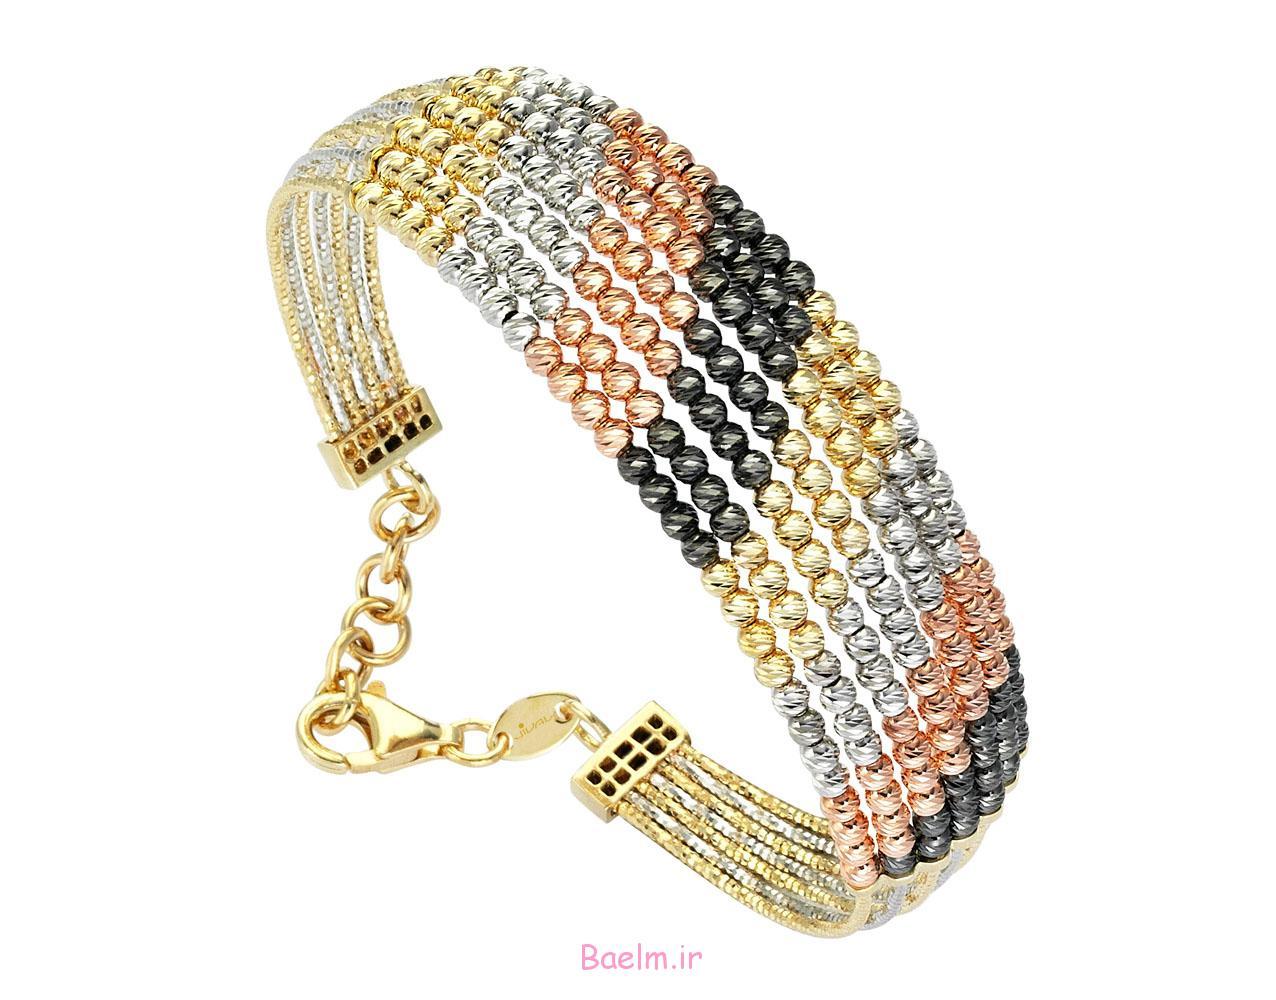 bracelets for women 4 Beautiful Bracelets For Women